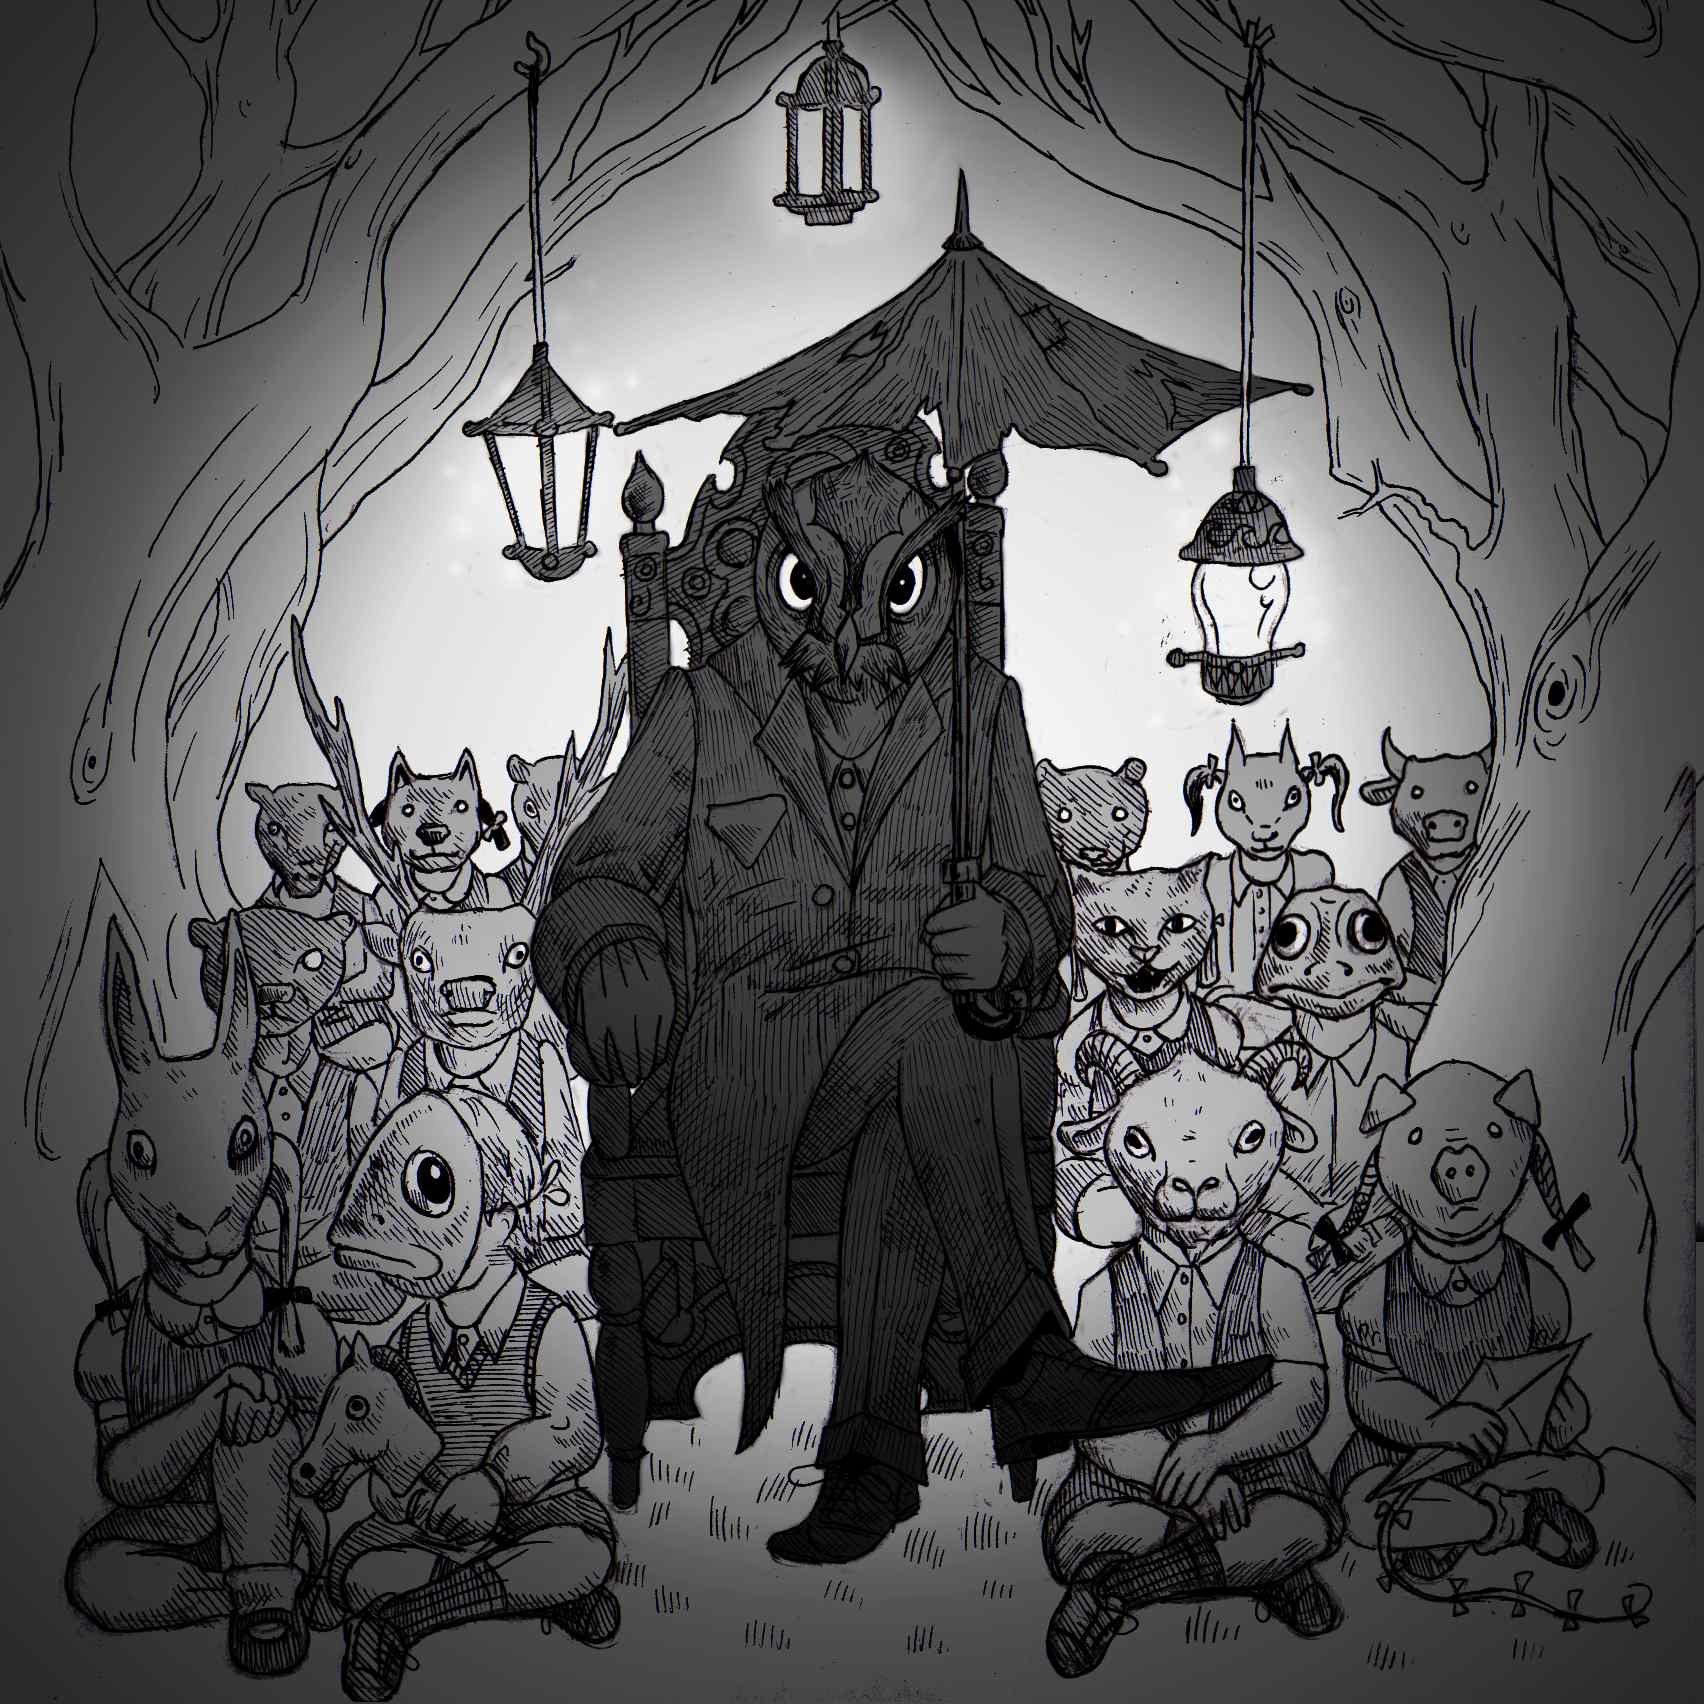 Nightjars cover art by Sam Garrett